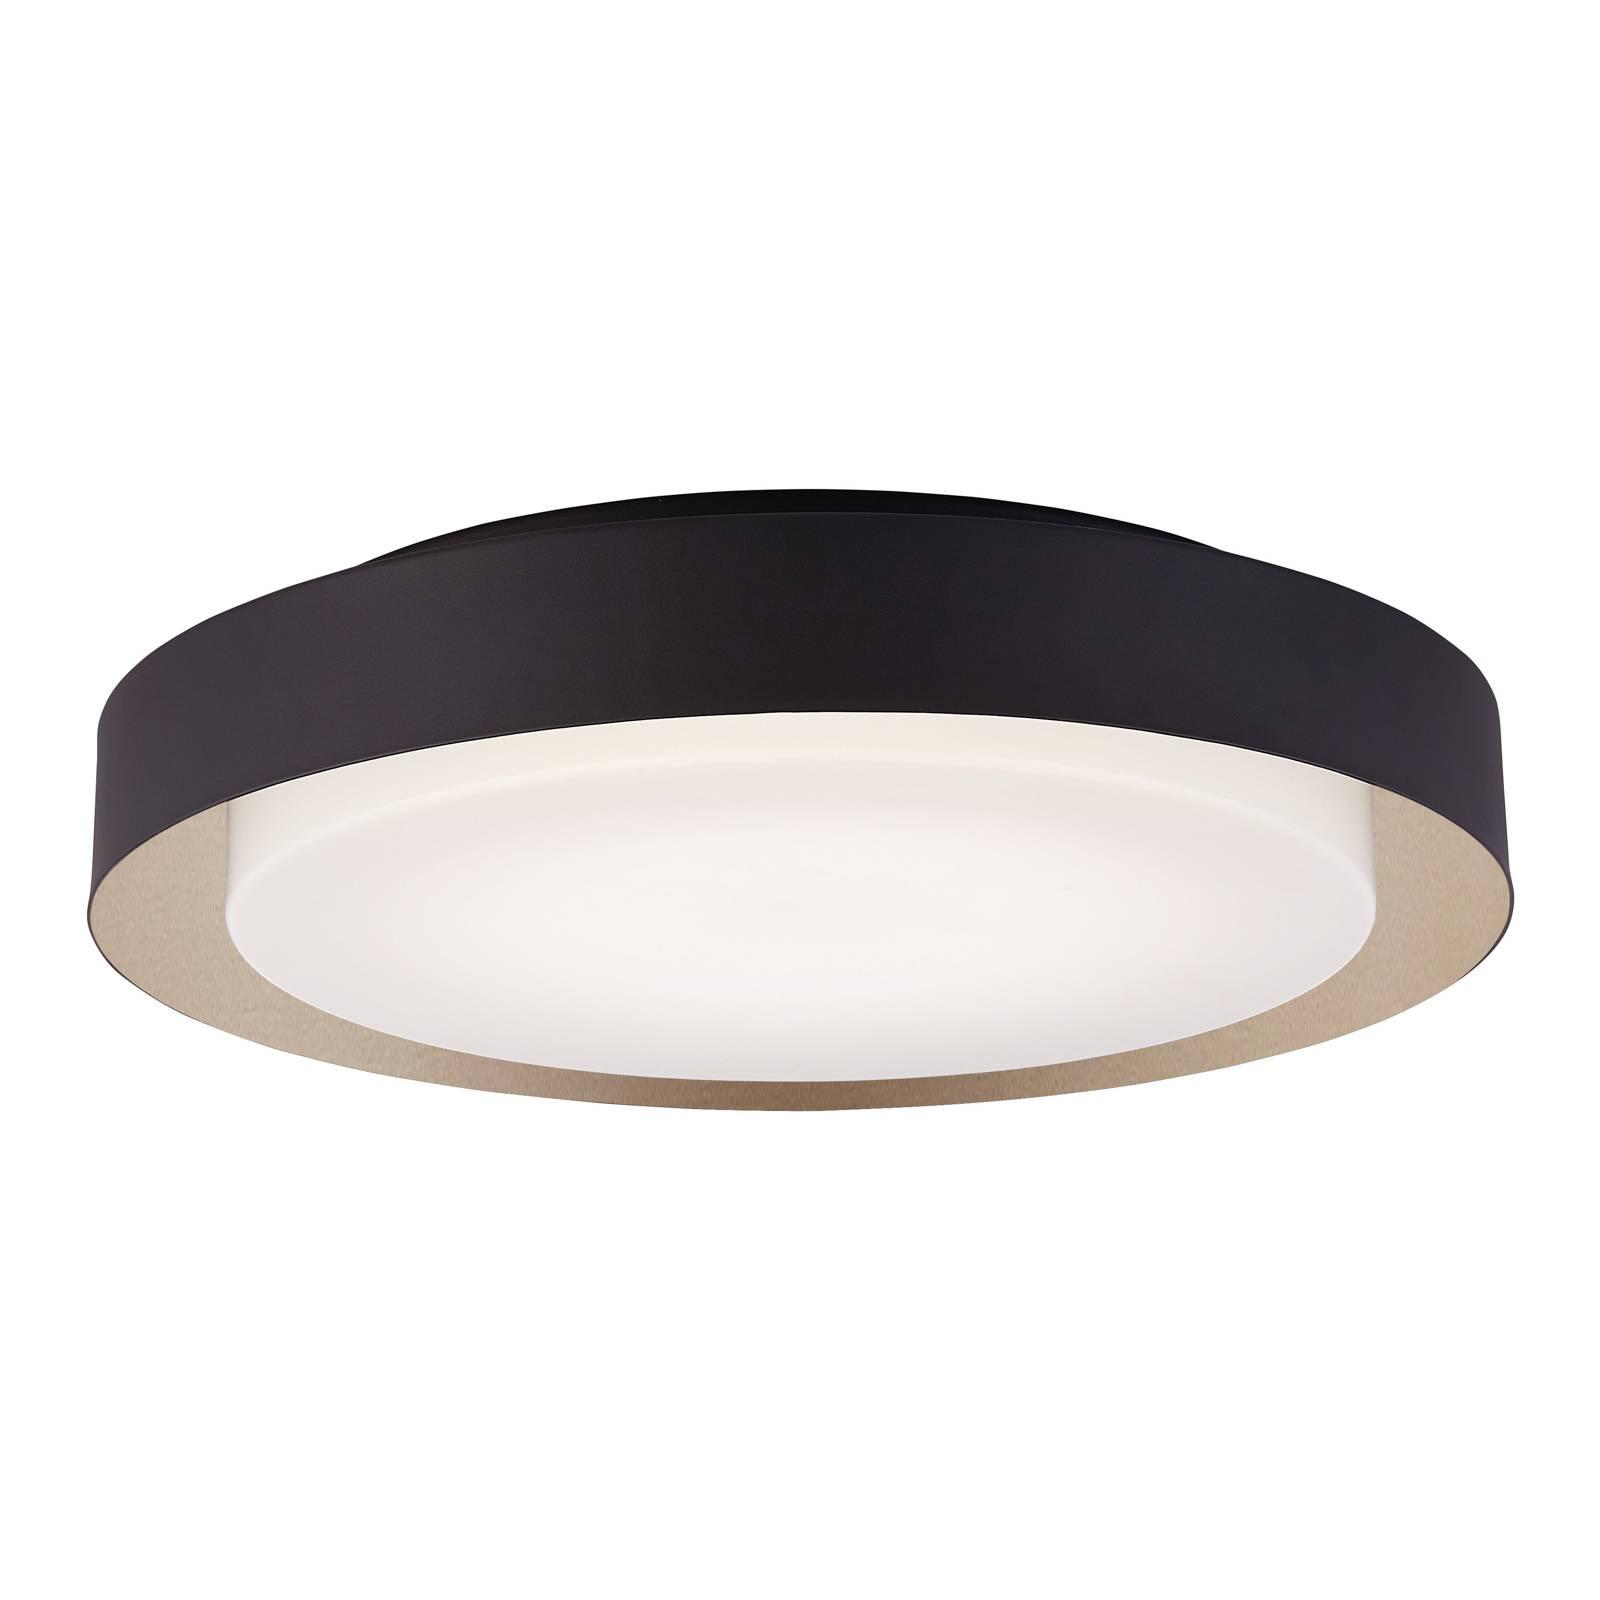 Arcchio Damaria -LED-kattovalaisin, musta-kulta